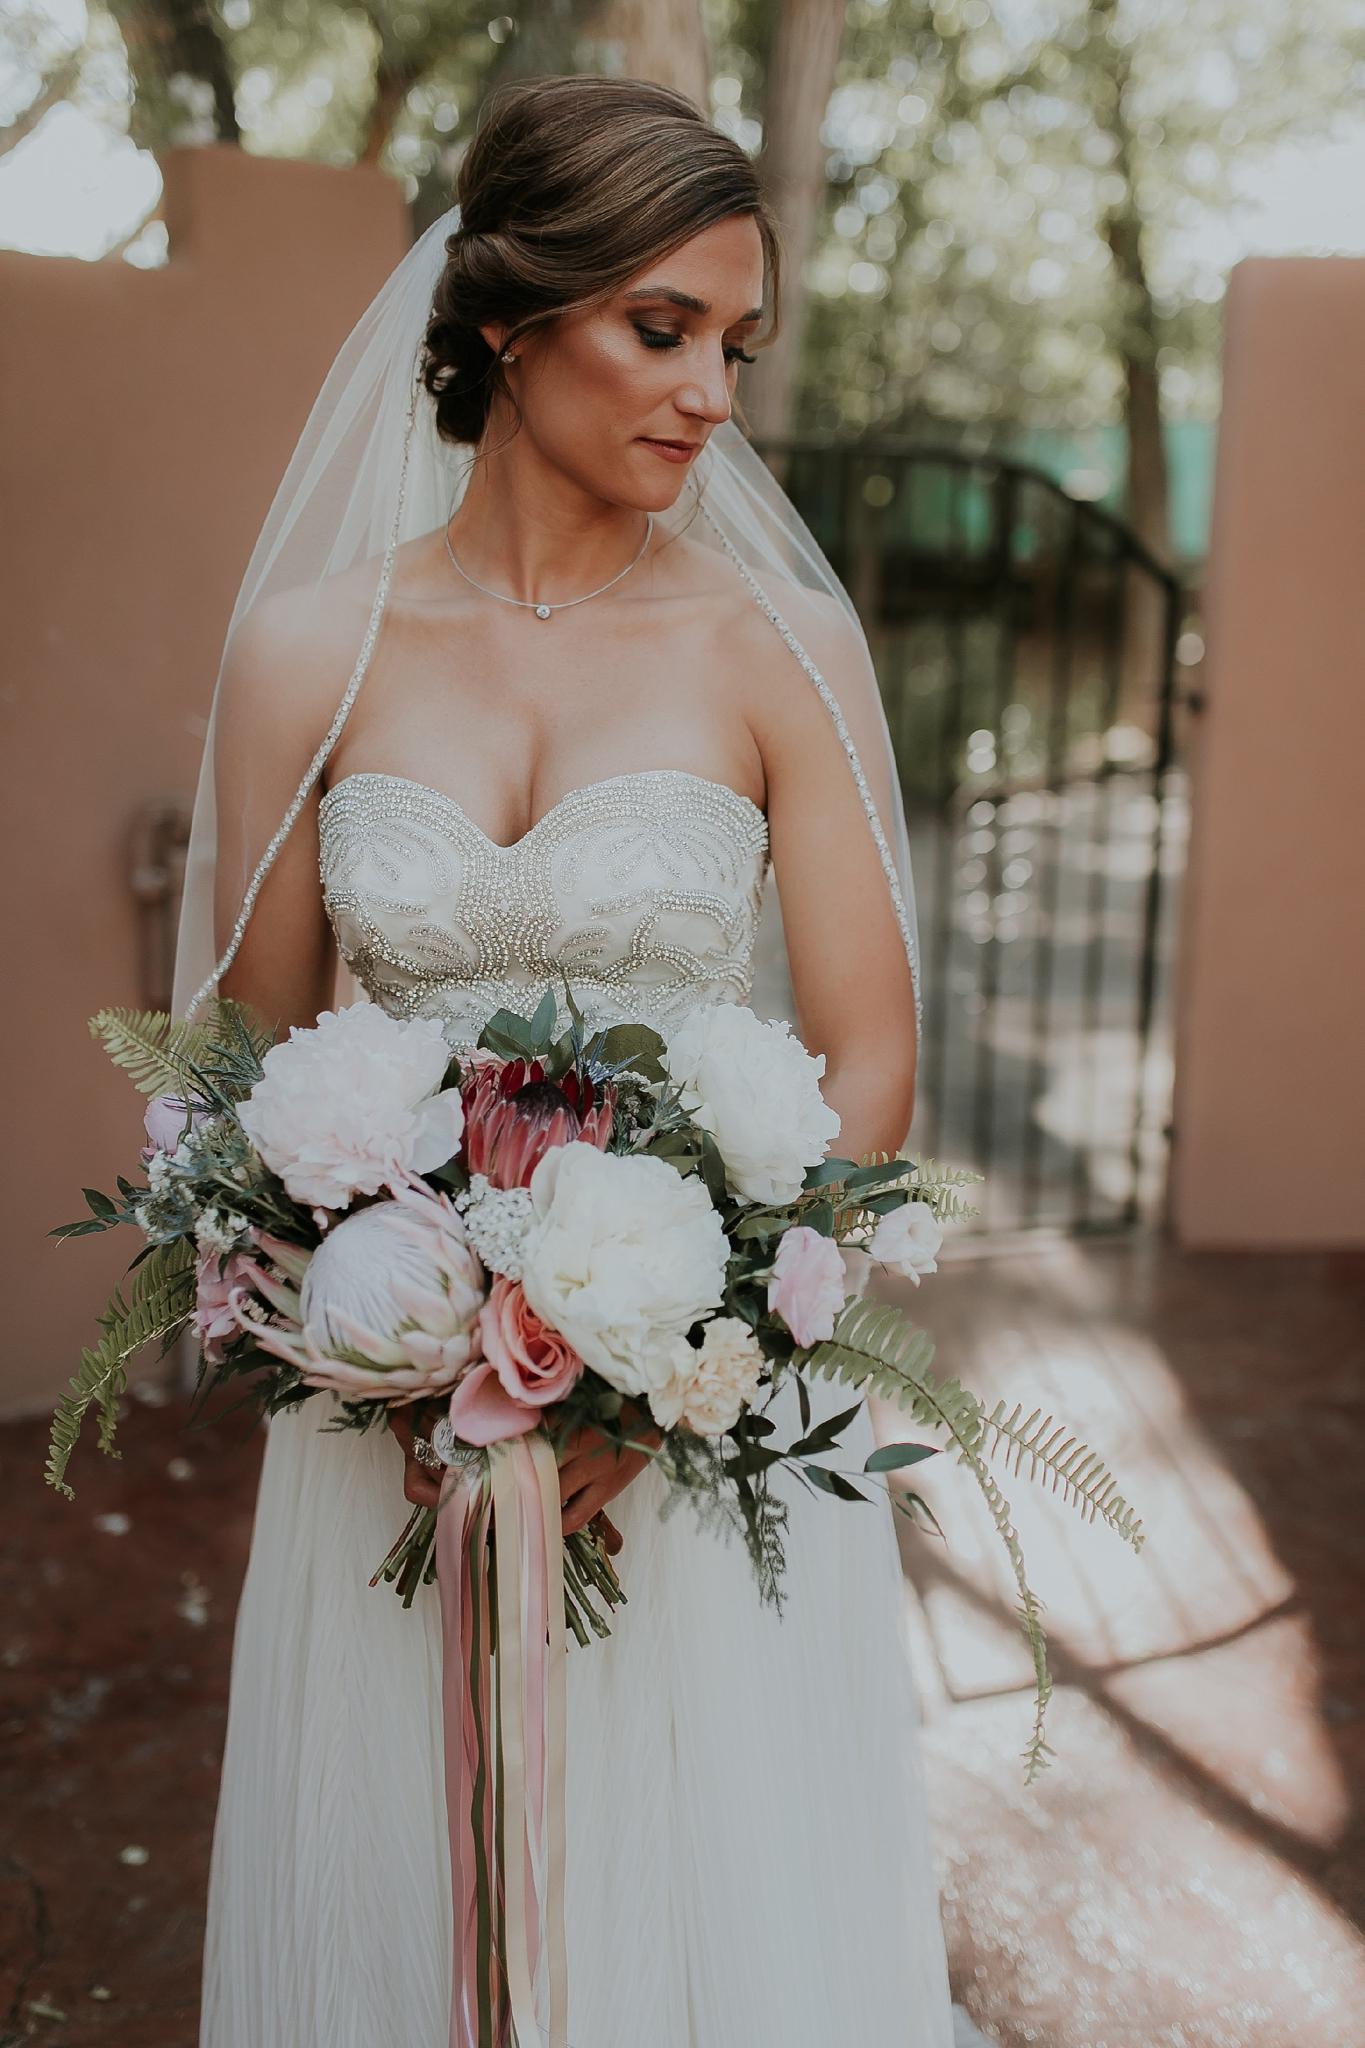 Alicia+lucia+photography+-+albuquerque+wedding+photographer+-+santa+fe+wedding+photography+-+new+mexico+wedding+photographer+-+new+mexico+wedding+-+wedding+makeup+-+makeup+artist+-+wedding+makeup+artist+-+bridal+makeup_0076.jpg